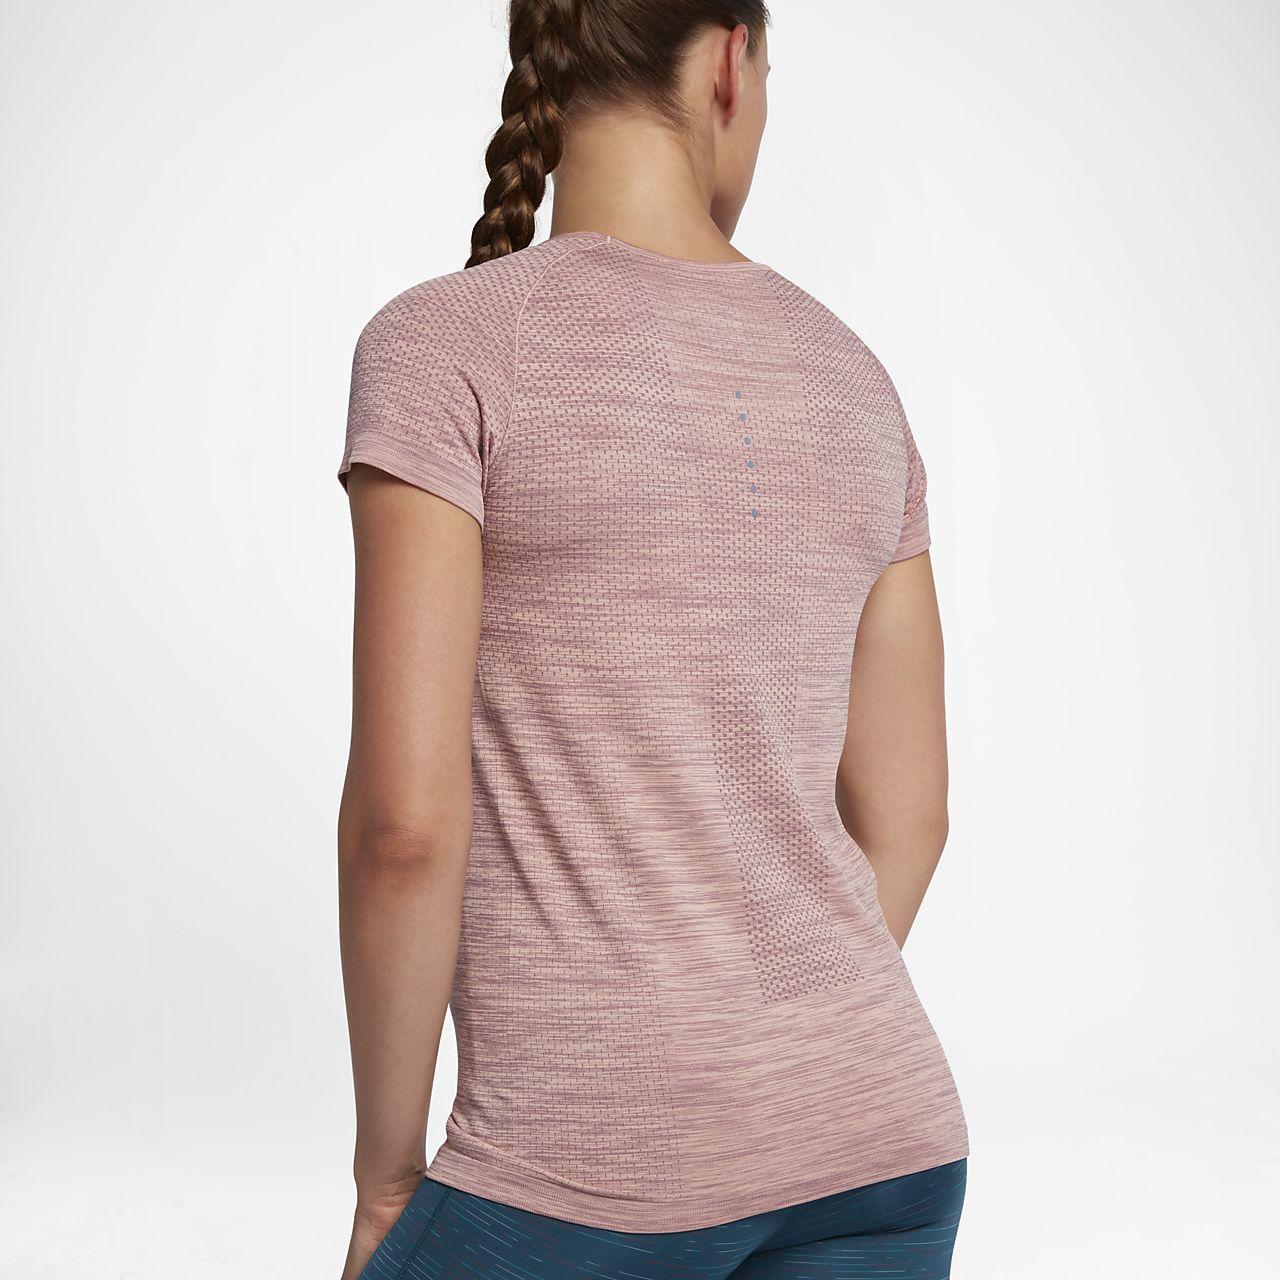 brand new 2b4ac 3525b nike dri fit knit short sleeve